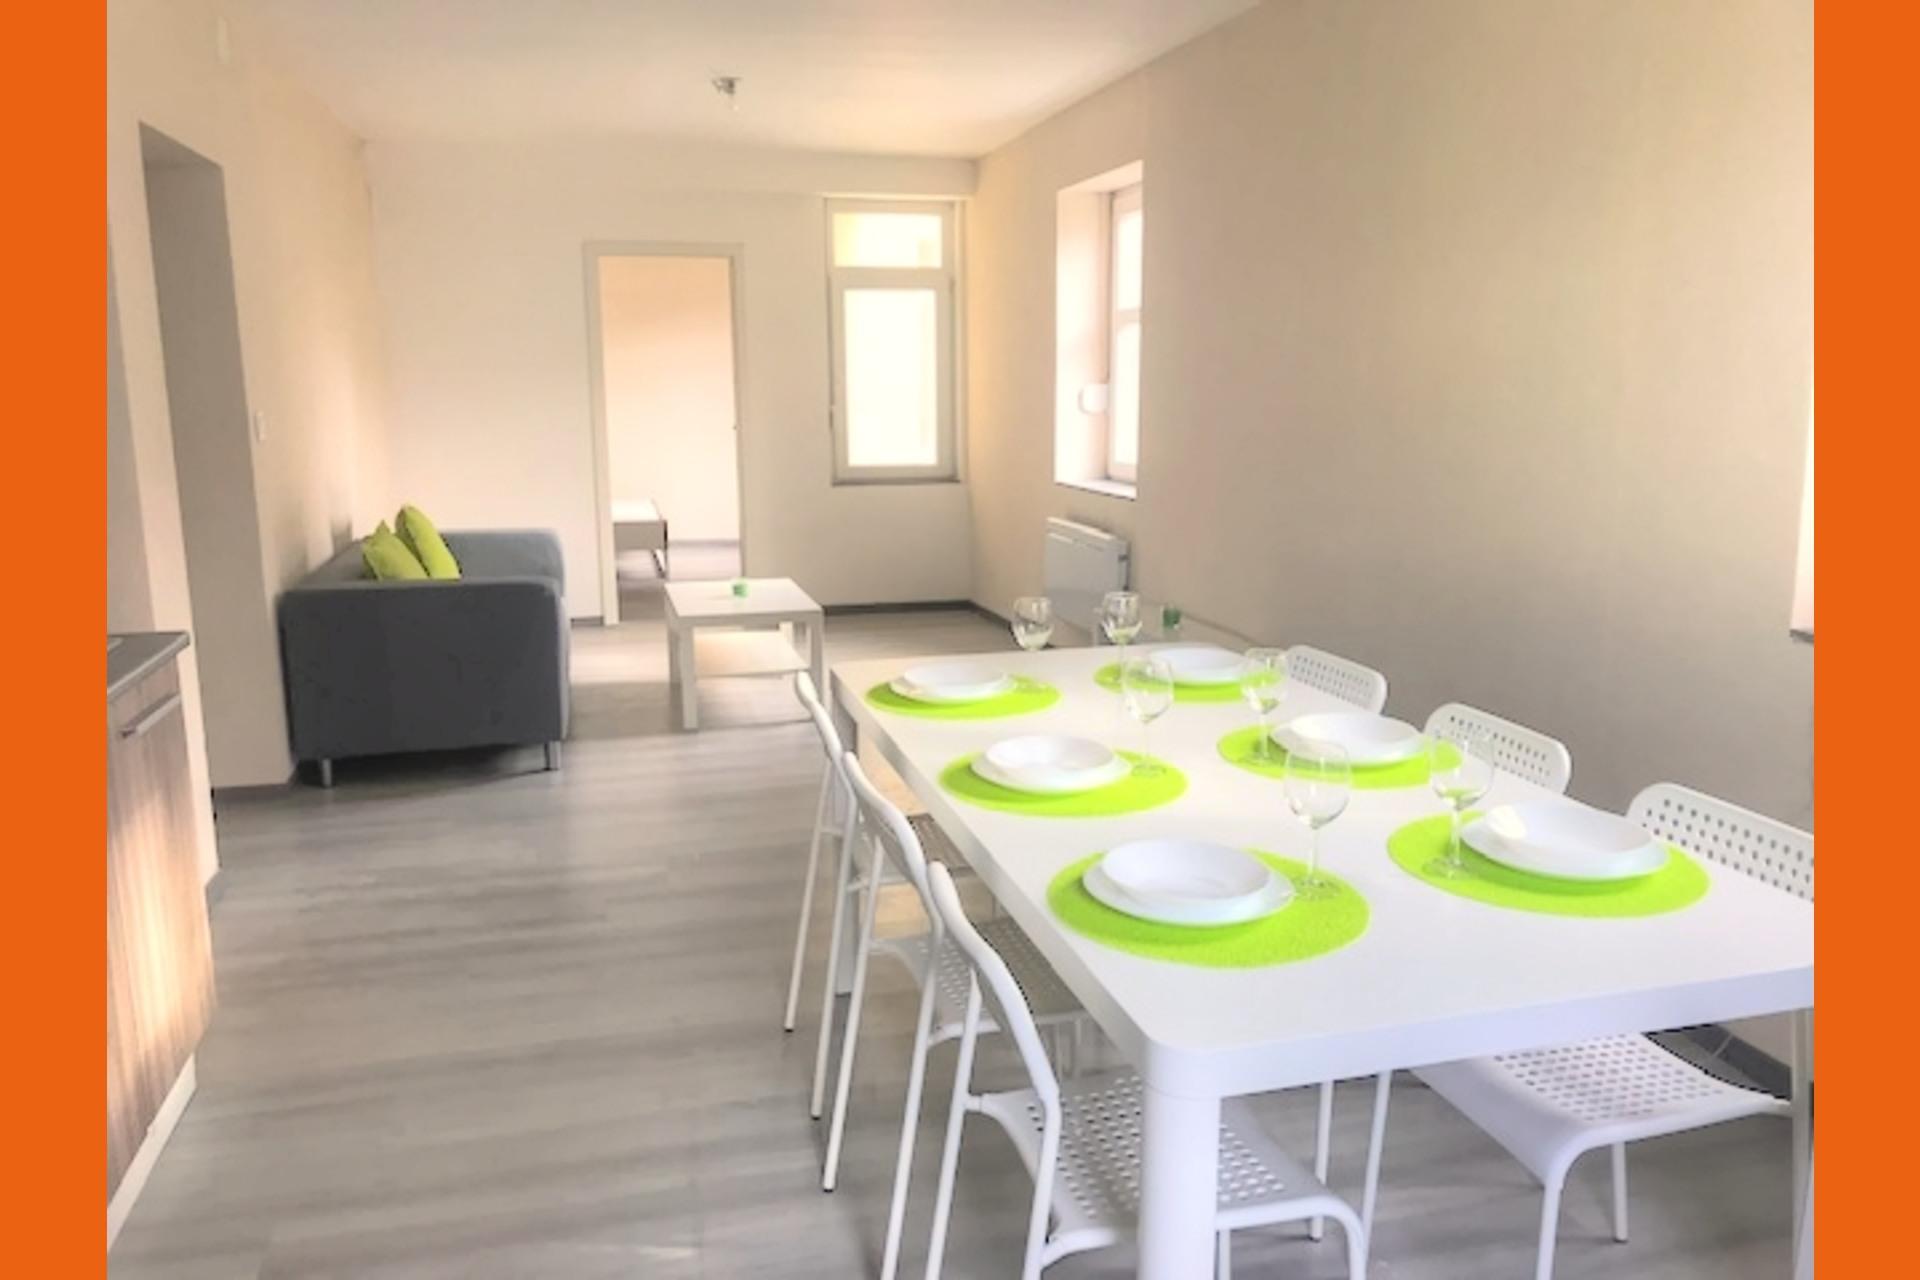 image 0 - Appartement À louer Metz Sablon